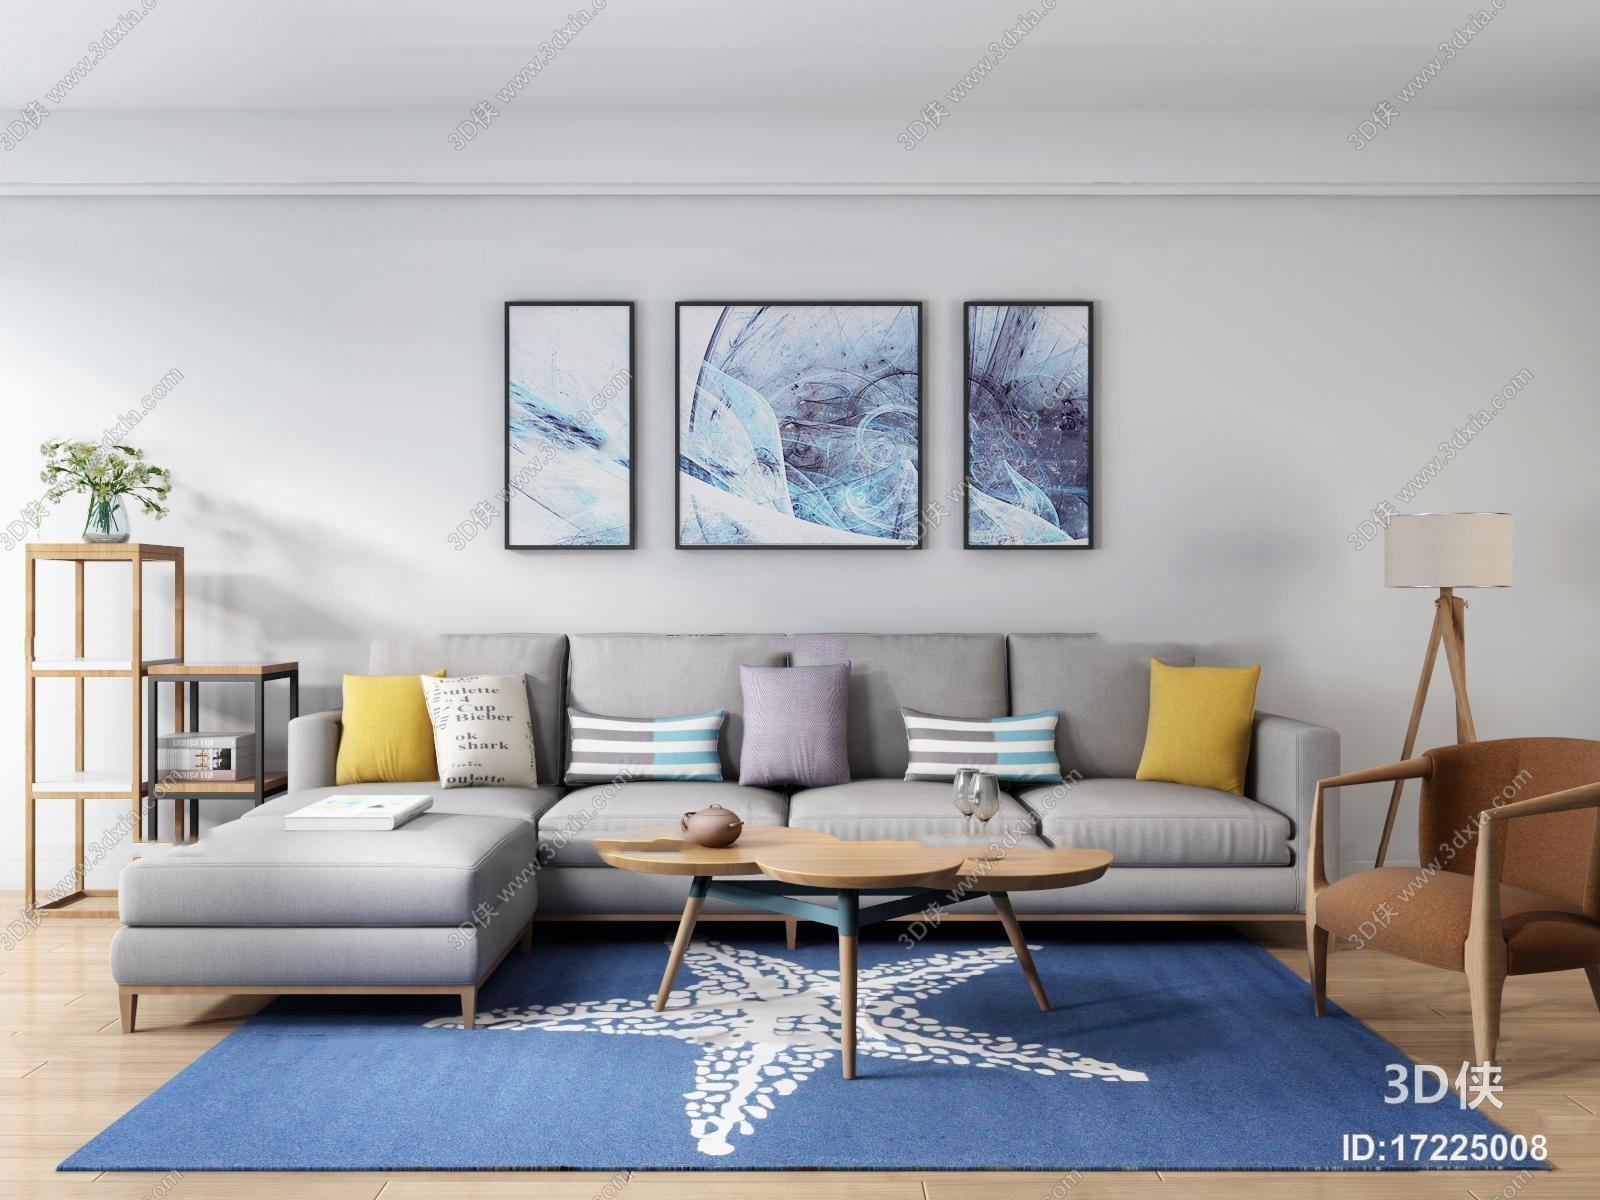 北欧布艺转角多人沙发休闲椅茶几组合3D模型